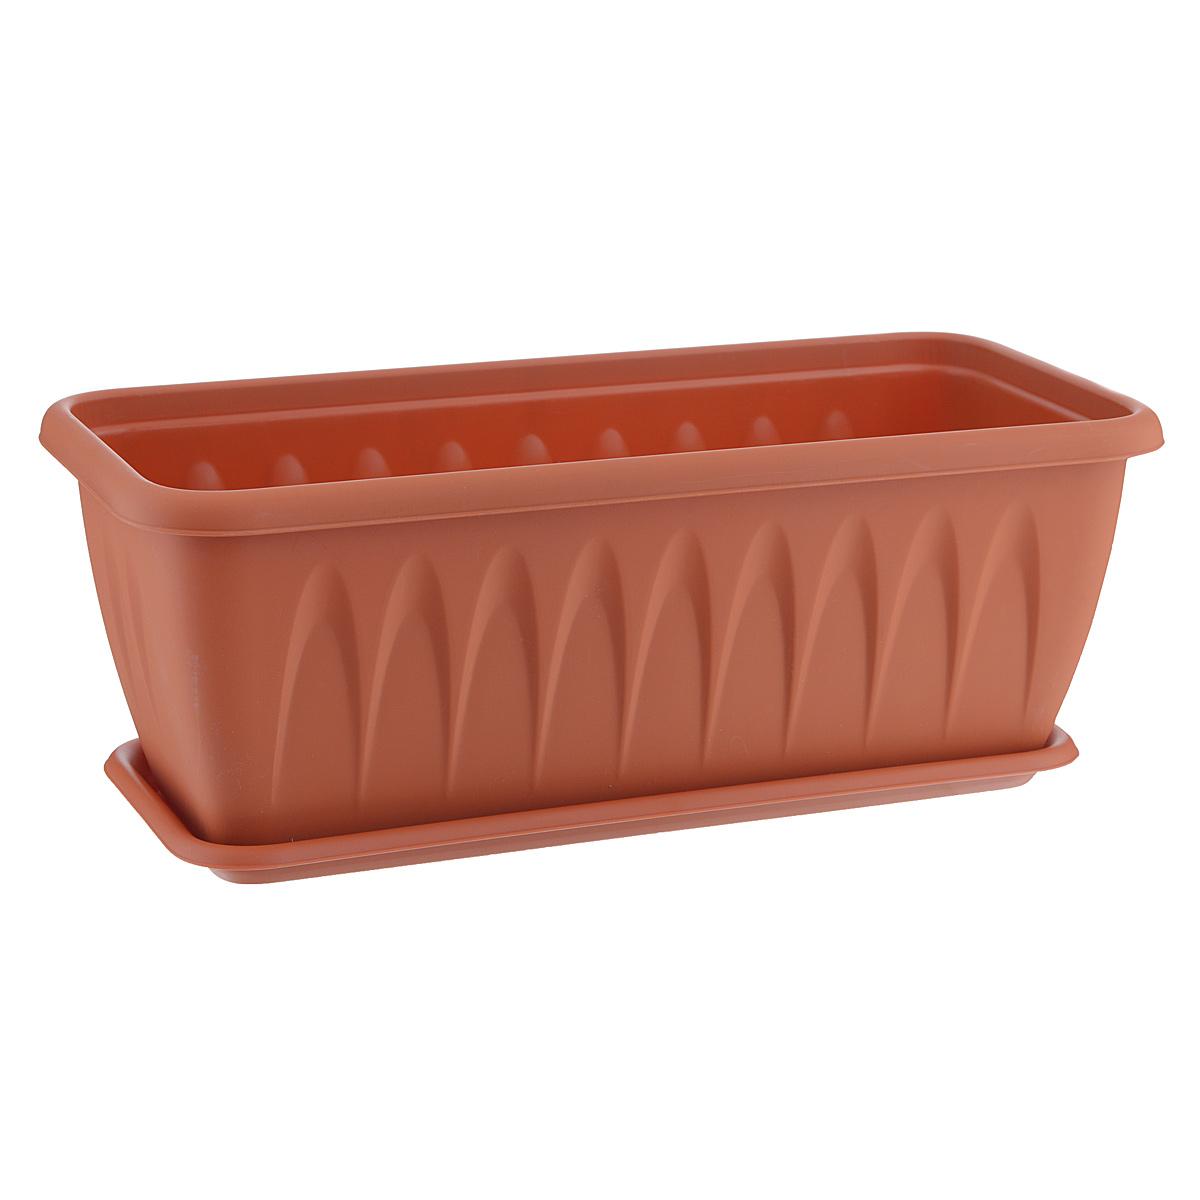 Балконный ящик Idea Алиция, с поддоном, 40 х 18 смМ 3214Балконный ящик Idea Алиция изготовлен из прочного полипропилена (пластика). Снабжен поддоном для стока воды. Изделие прекрасно подходит для выращивания рассады, растений и цветов в домашних условиях.